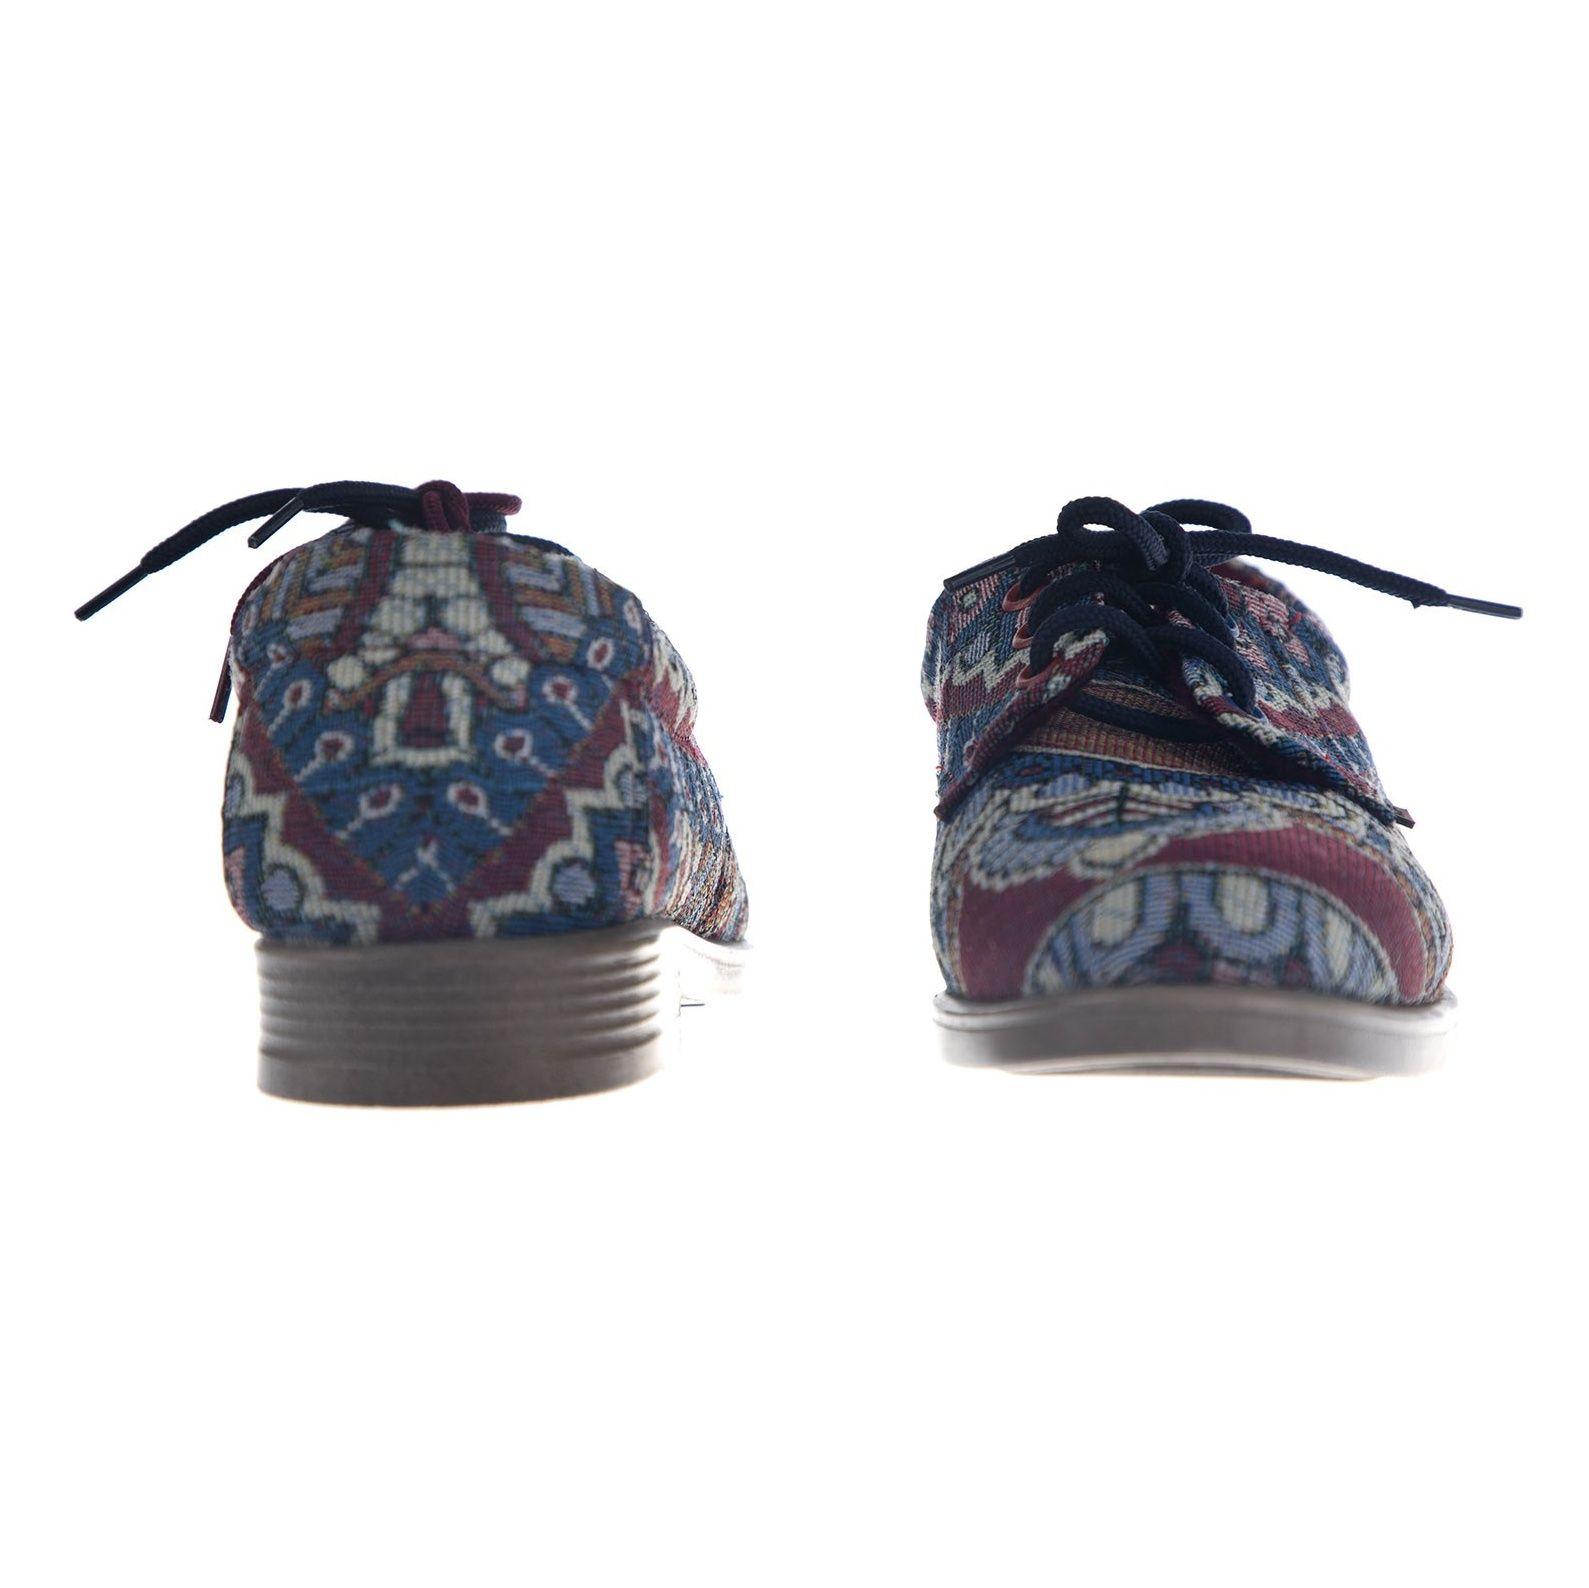 کفش تخت زنانه مدل طاووس - مینا فخارزاده - آبی / زرشکی - 5